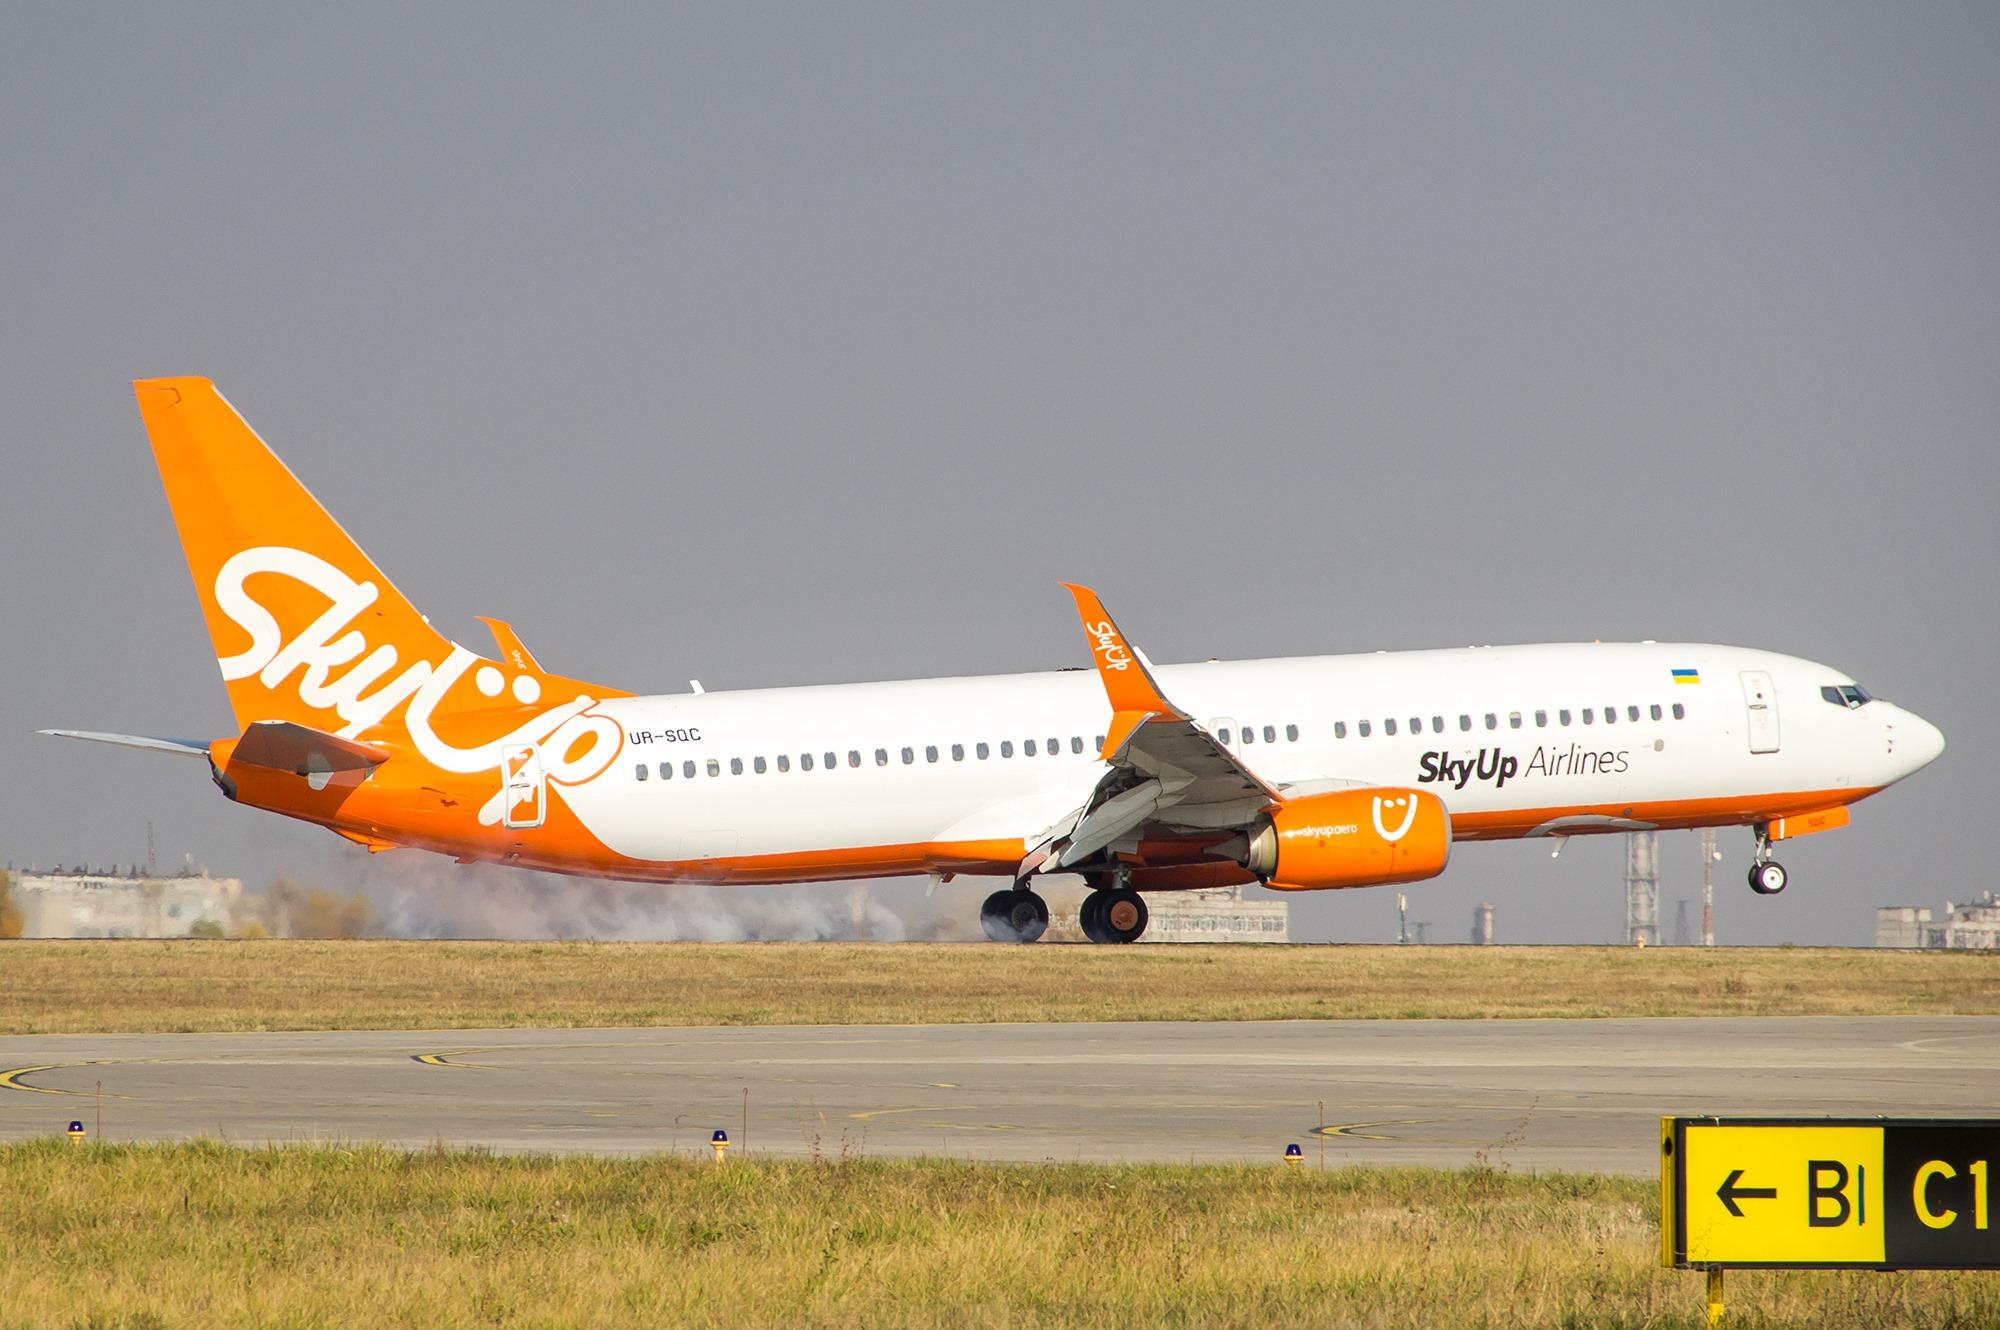 ავიაკომპანია SkyUp Airlines საქართველოსა და უკრაინას შორის რეგულარული ოპერირების მიმართულებებს და სიხშირეებს ზრდის